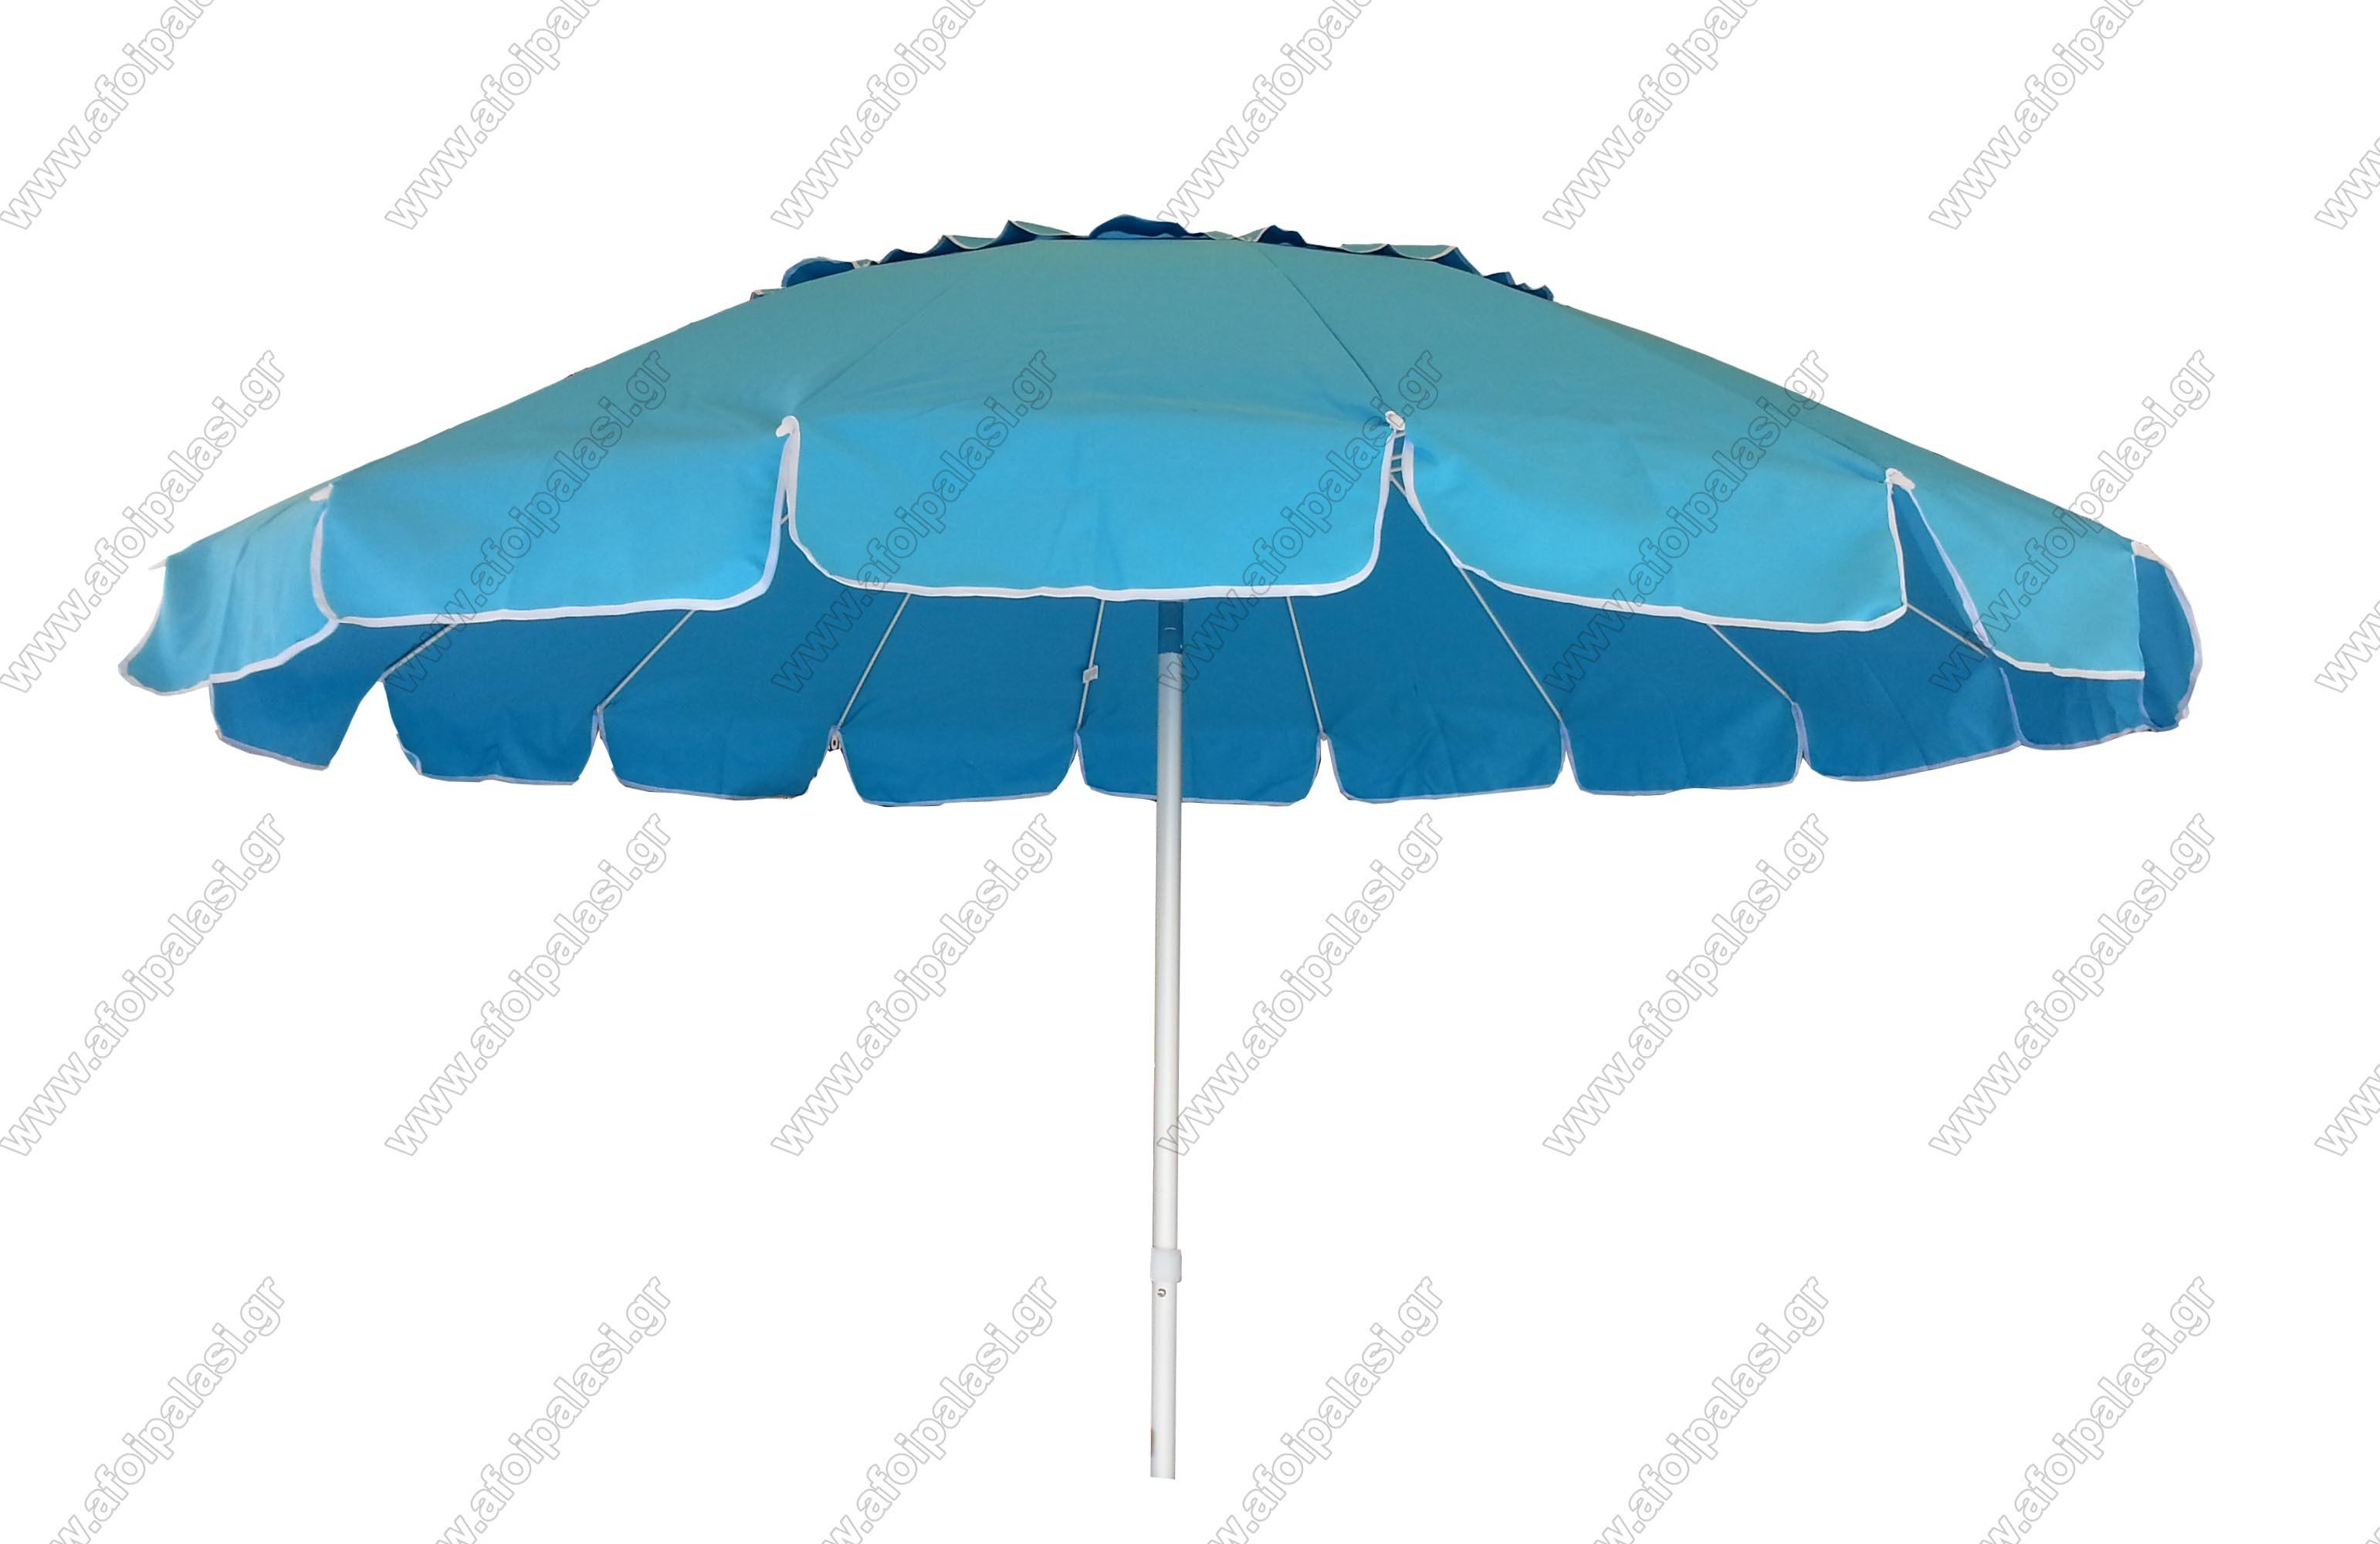 Ομπρέλα παραλίας αλουμινίου Σιέλ Ø2,4m - 1517